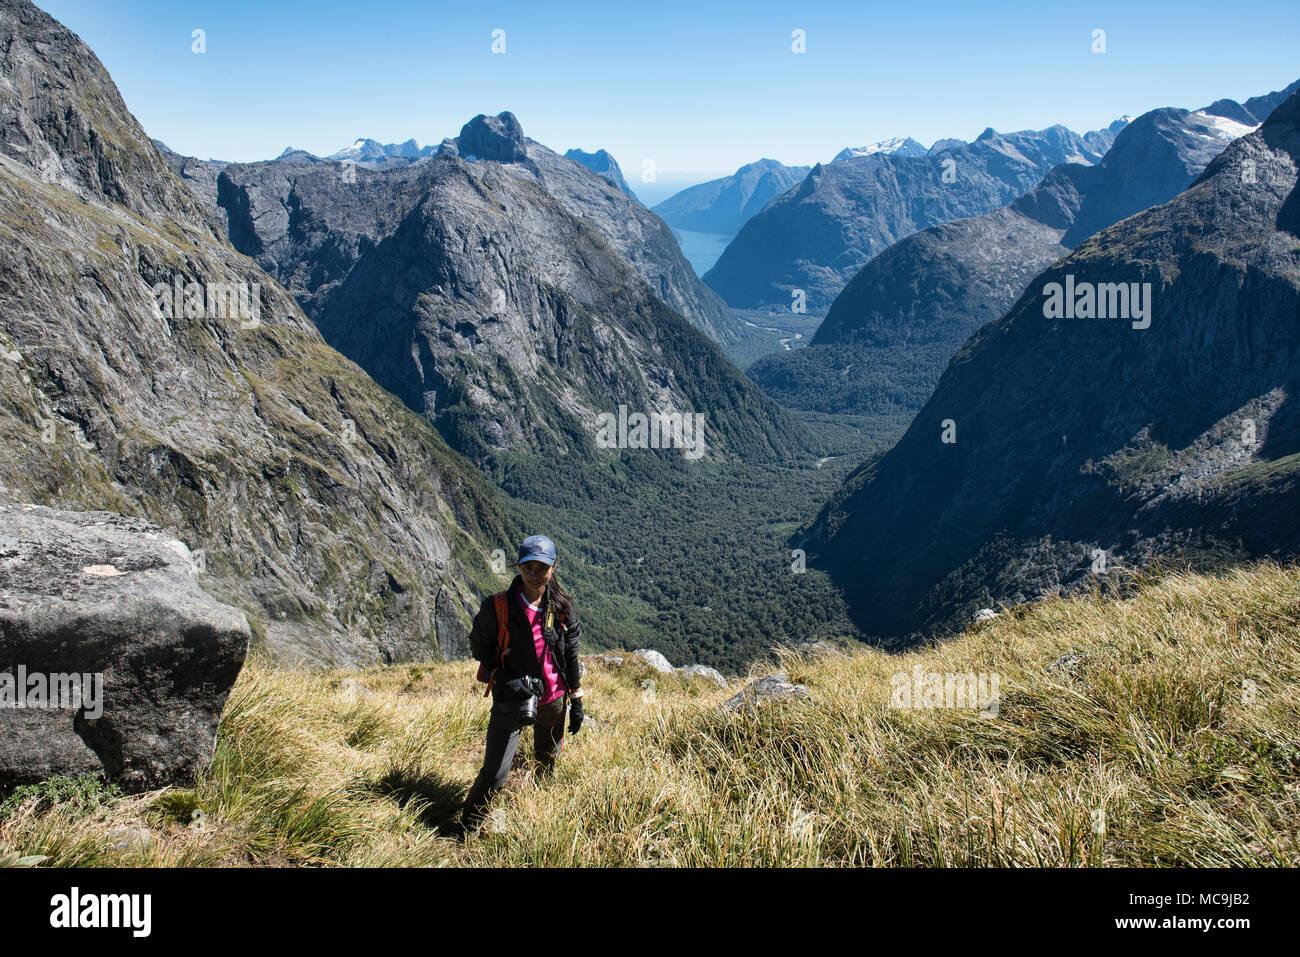 Viste incredibili da Gertrude sella, Fjordland, Nuova Zelanda Immagini Stock